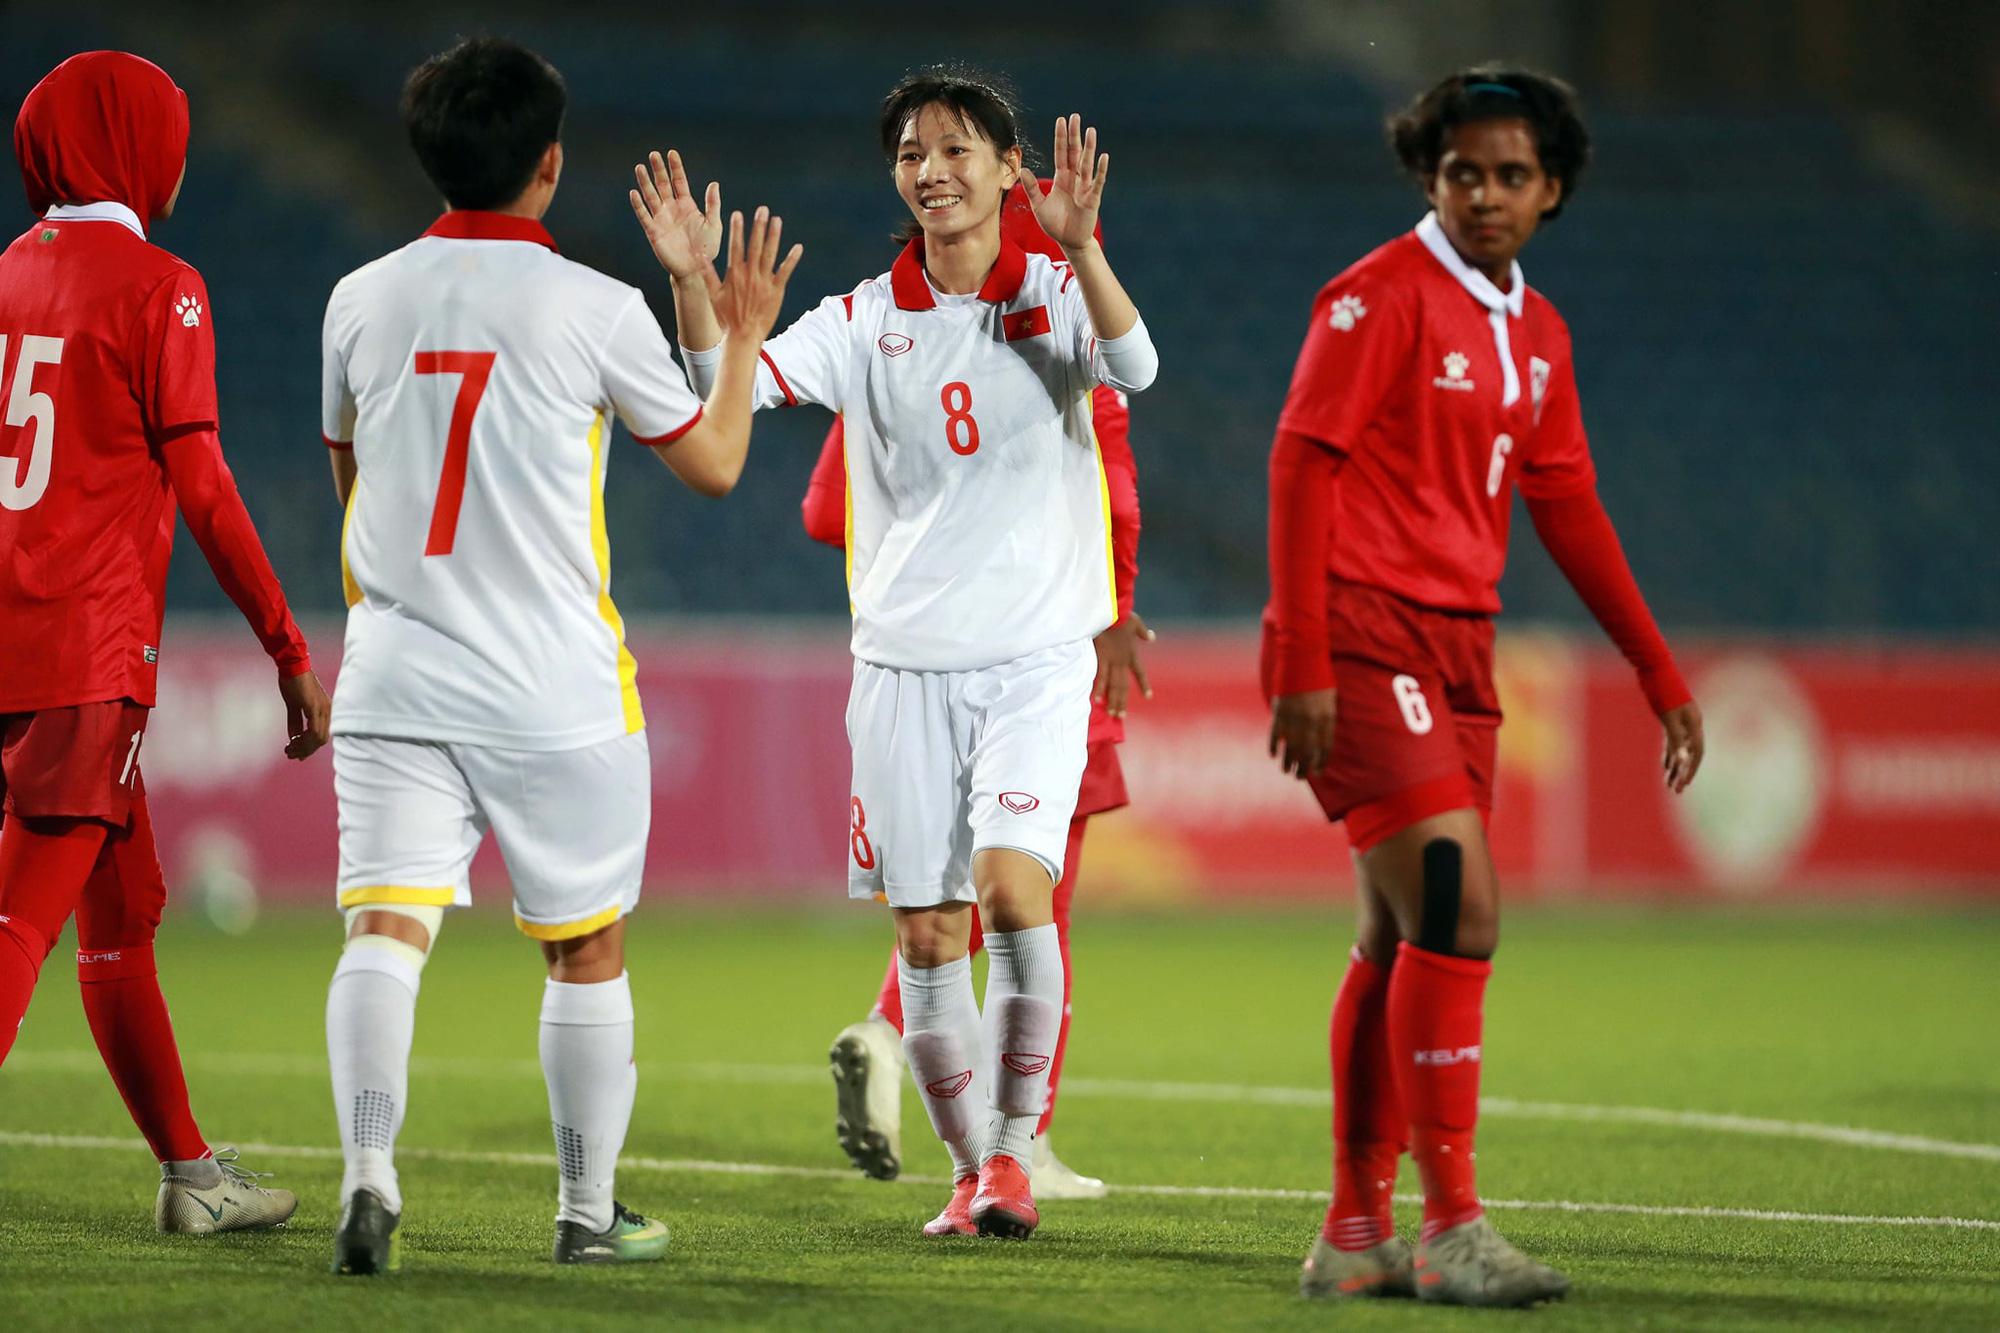 Những khoảnh khắc ấn tượng trong chiến thắng 16-0 của tuyển nữ Việt Nam - Ảnh 3.